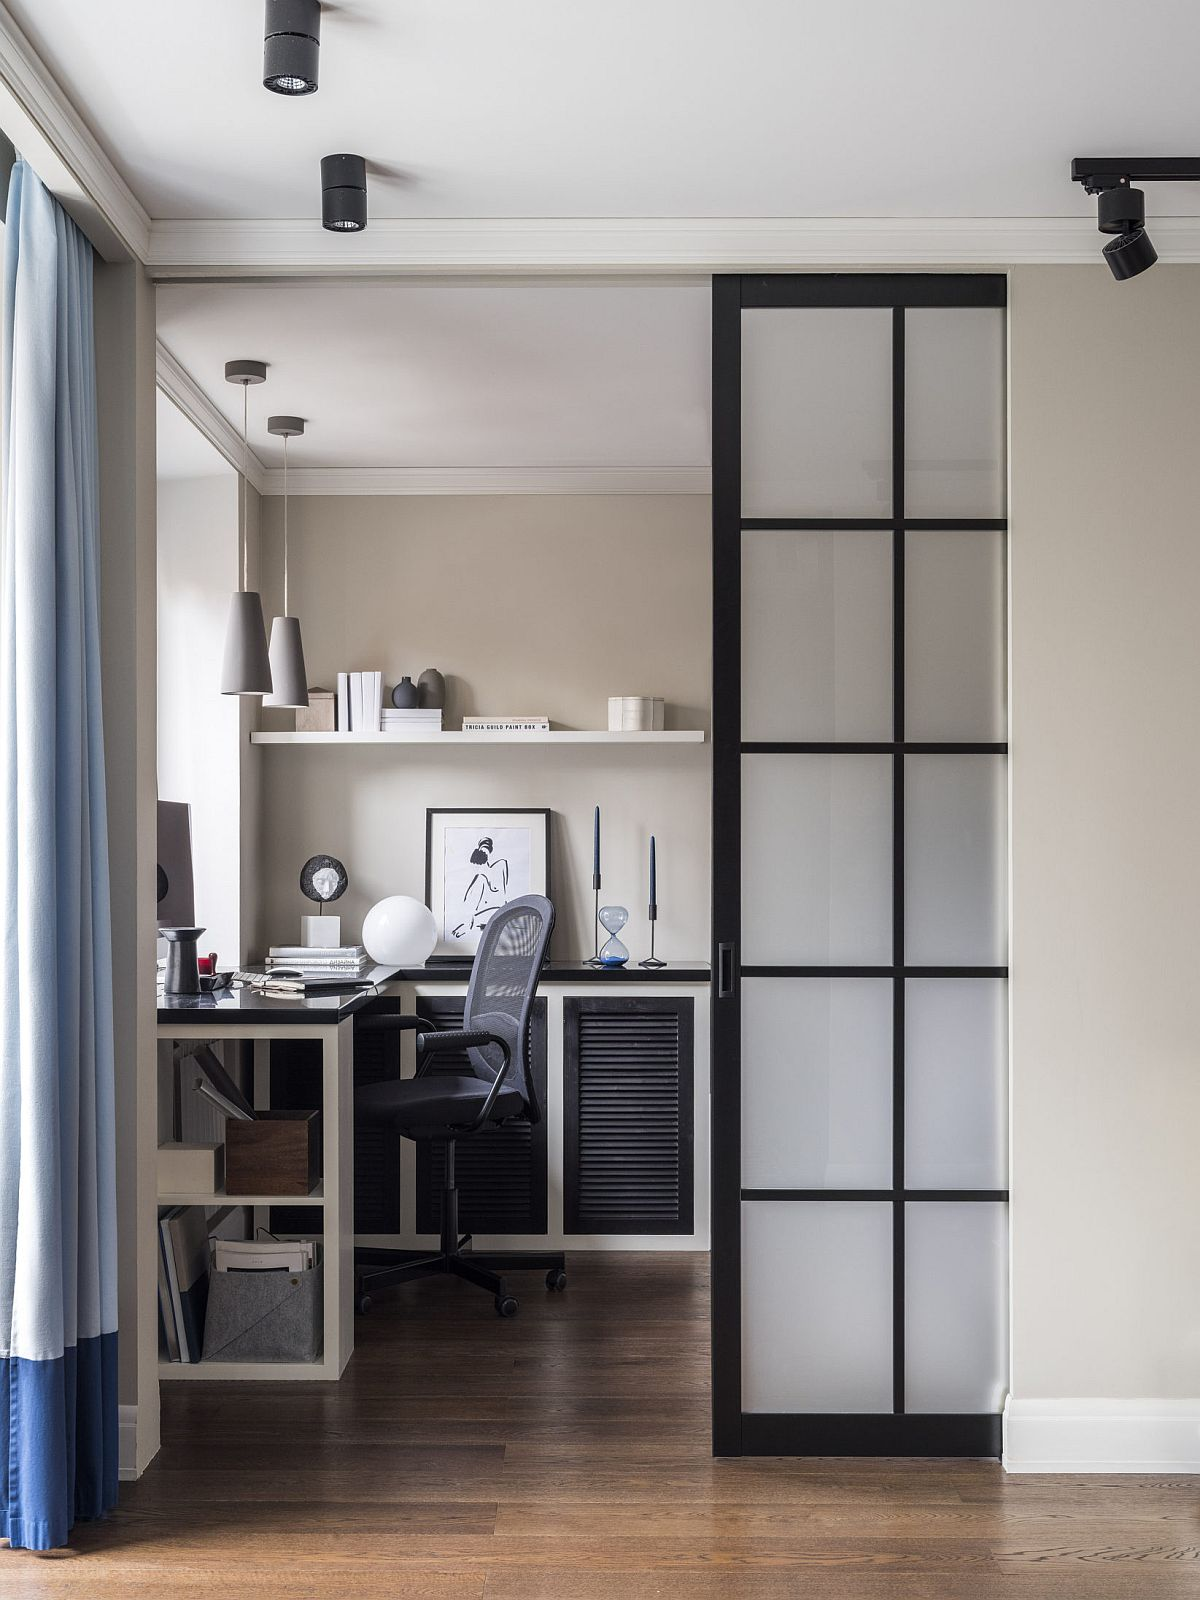 Dormitorul este separat față de living tot printr-un panou culisant. Deschis parțial el lasă la vedere către camera de zi locul de birou, foarte bine poziționat în fața ferestrei.